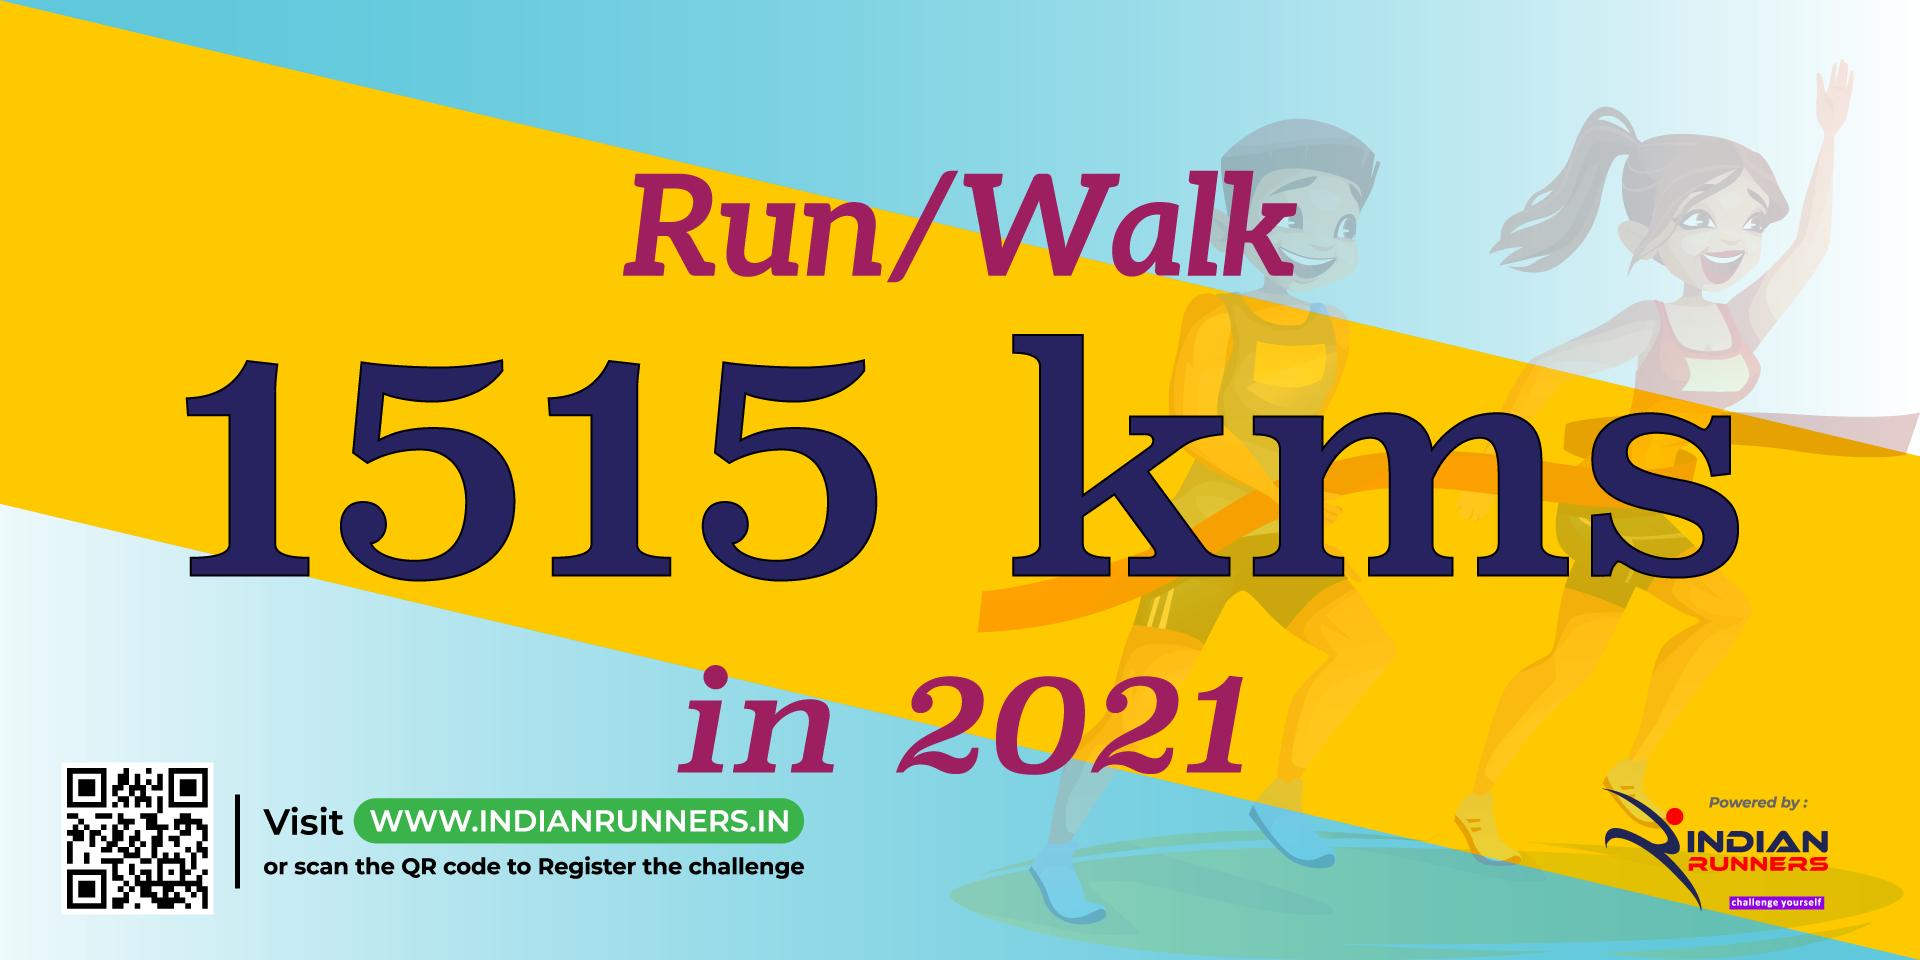 1515-Run